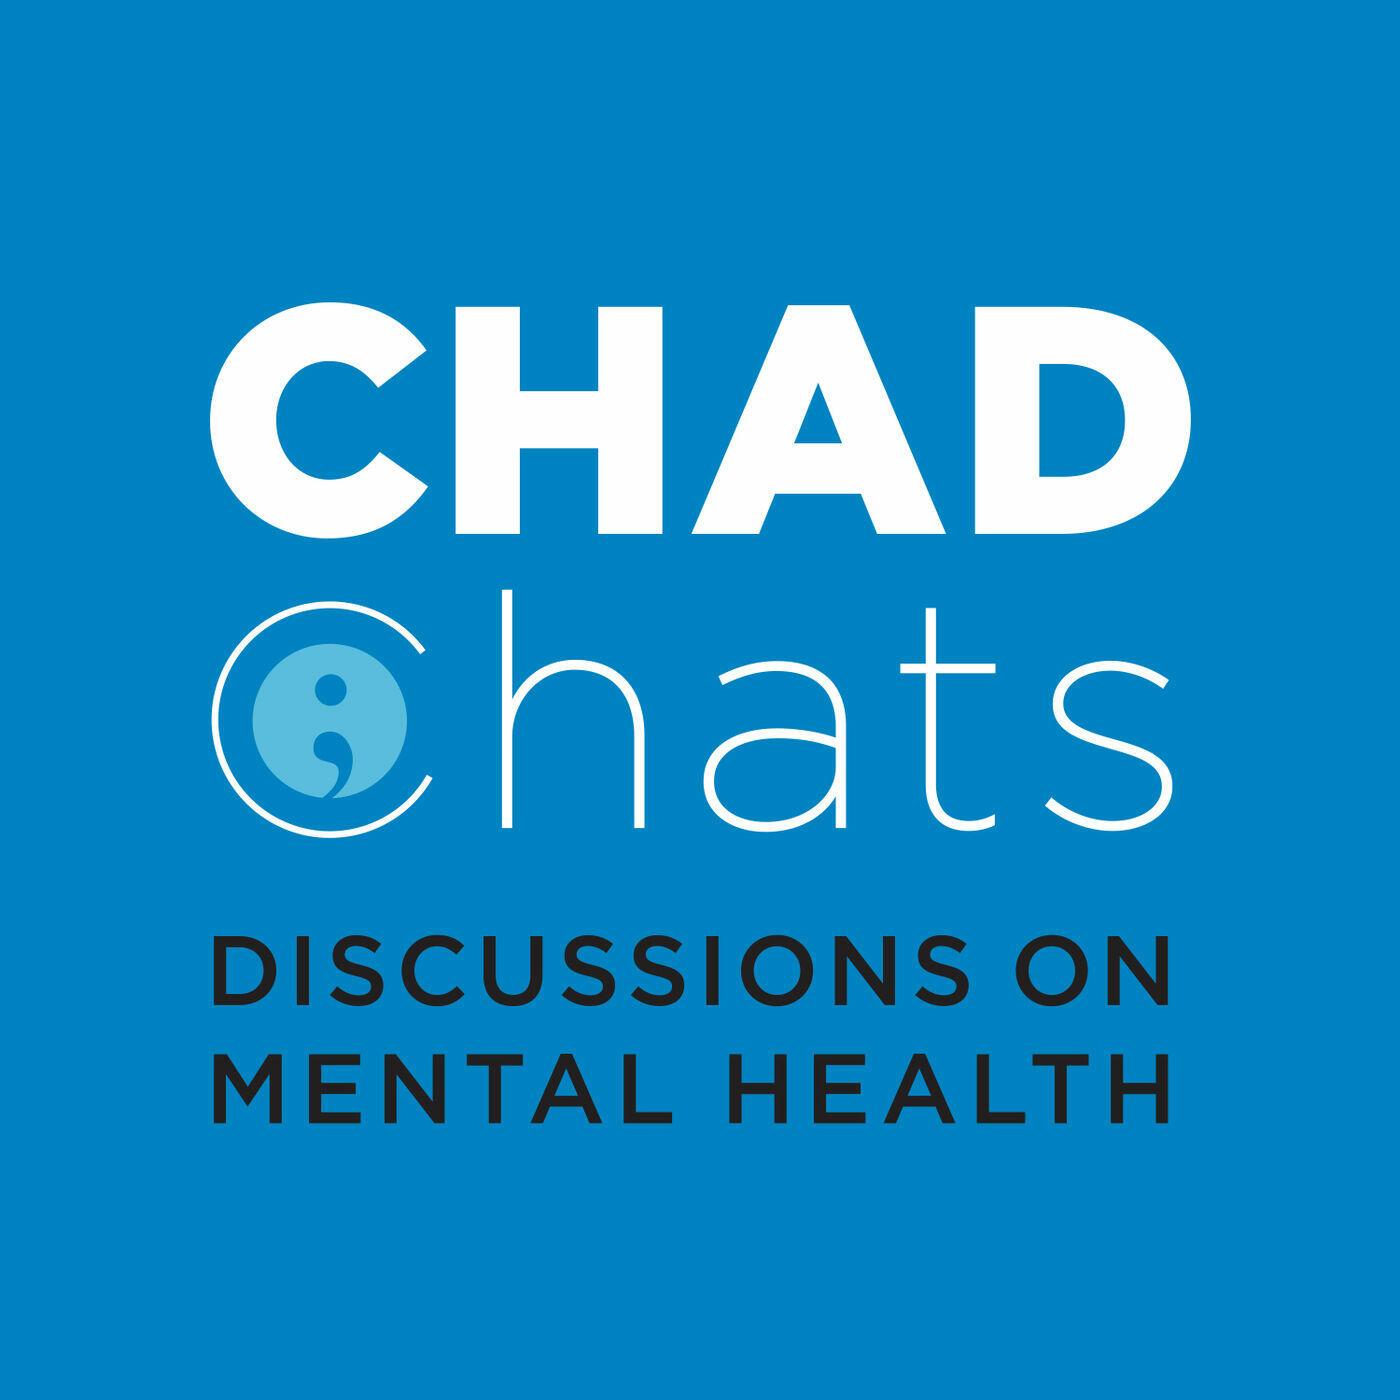 CHAD;Chats